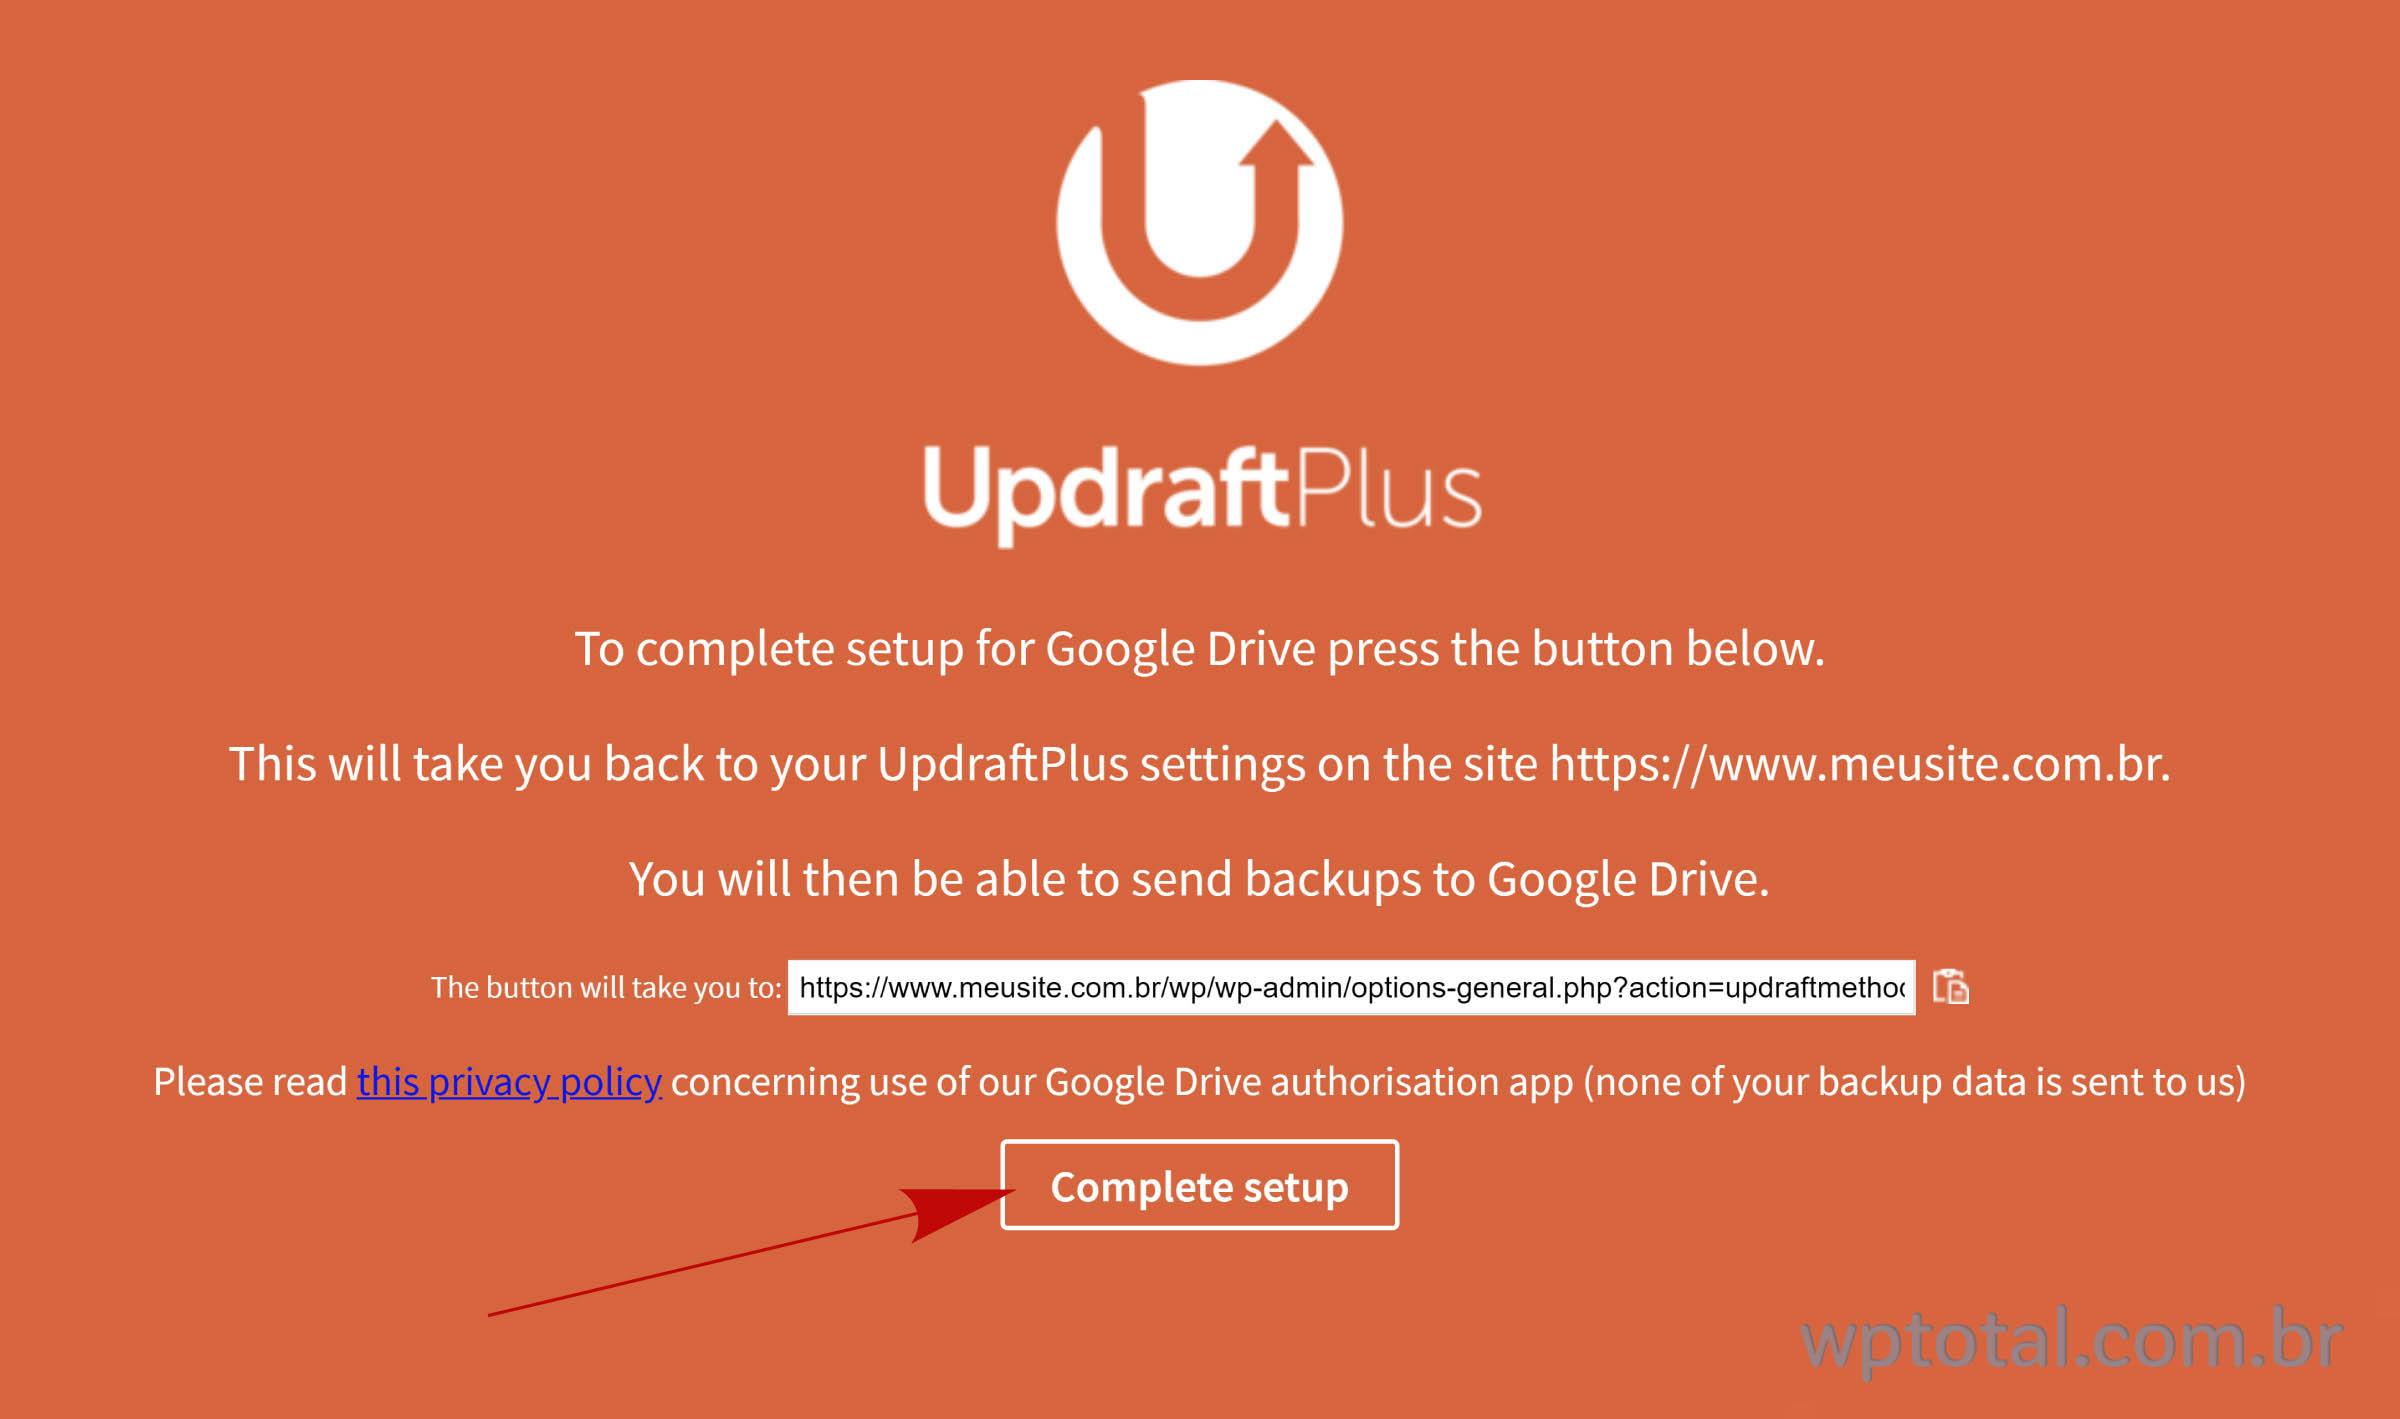 clique no botão para completar instalação